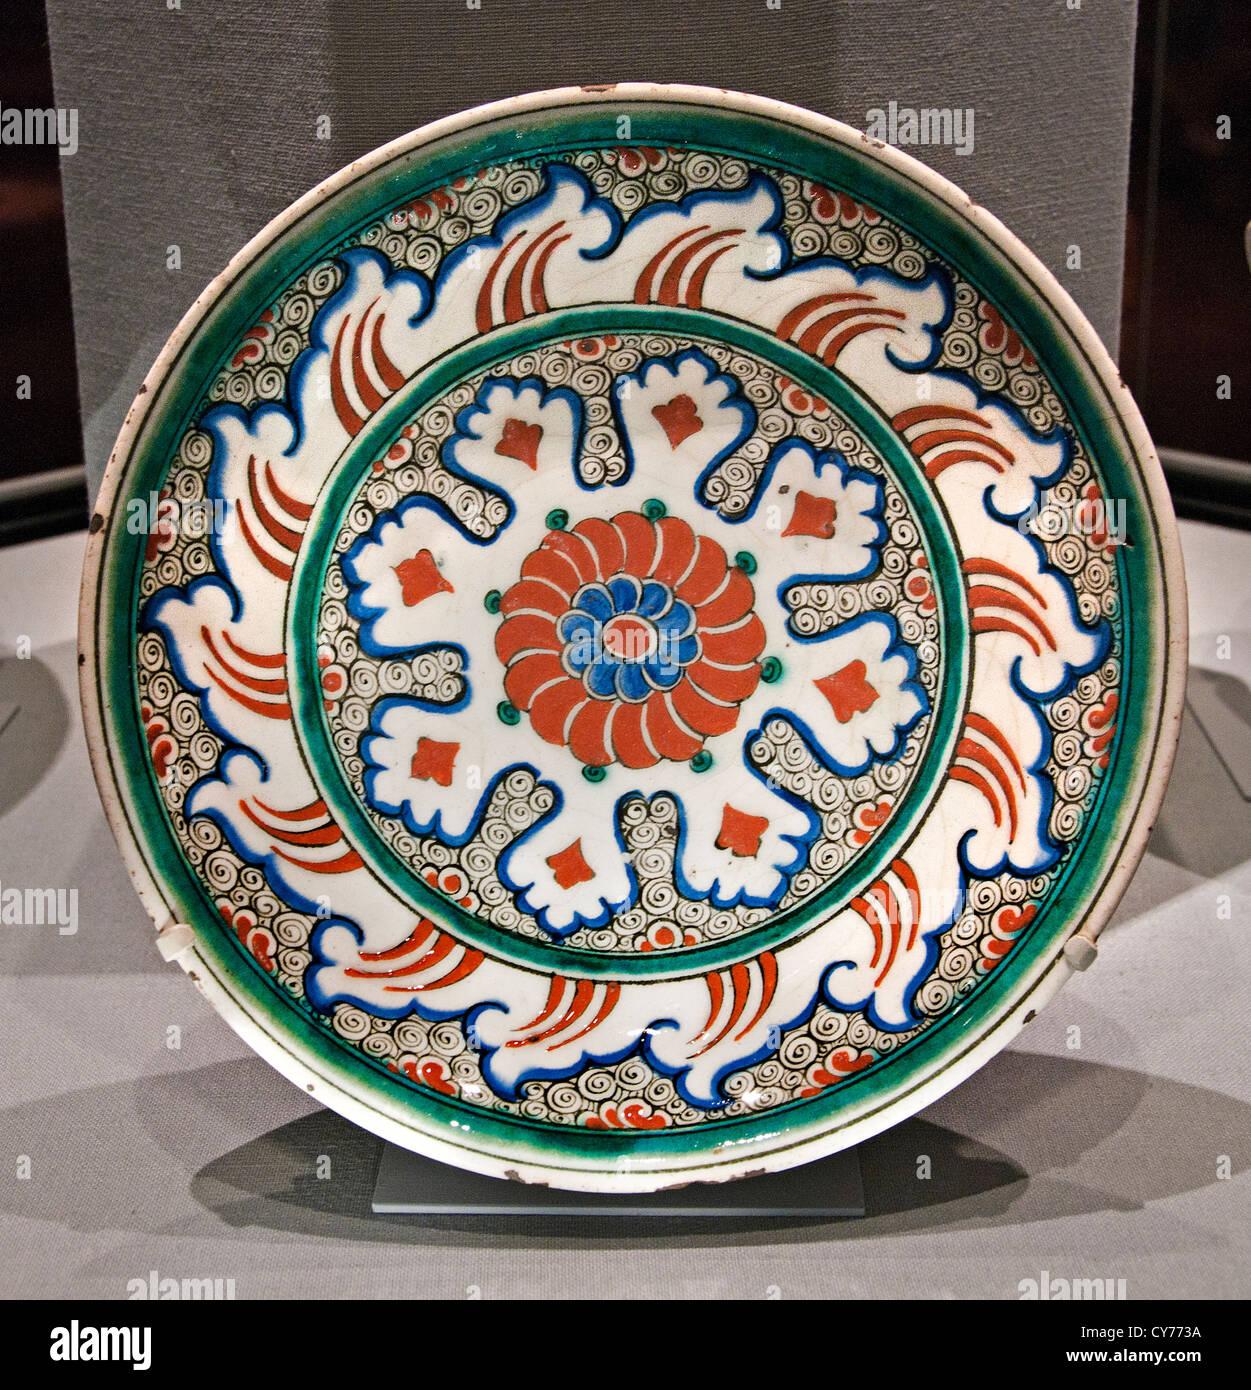 Iznik stonepaste piatto Ottomano con design Caleidoscopio 1585 - 1590 Iznik piastra stonepaste Turchia Tacchini Immagini Stock